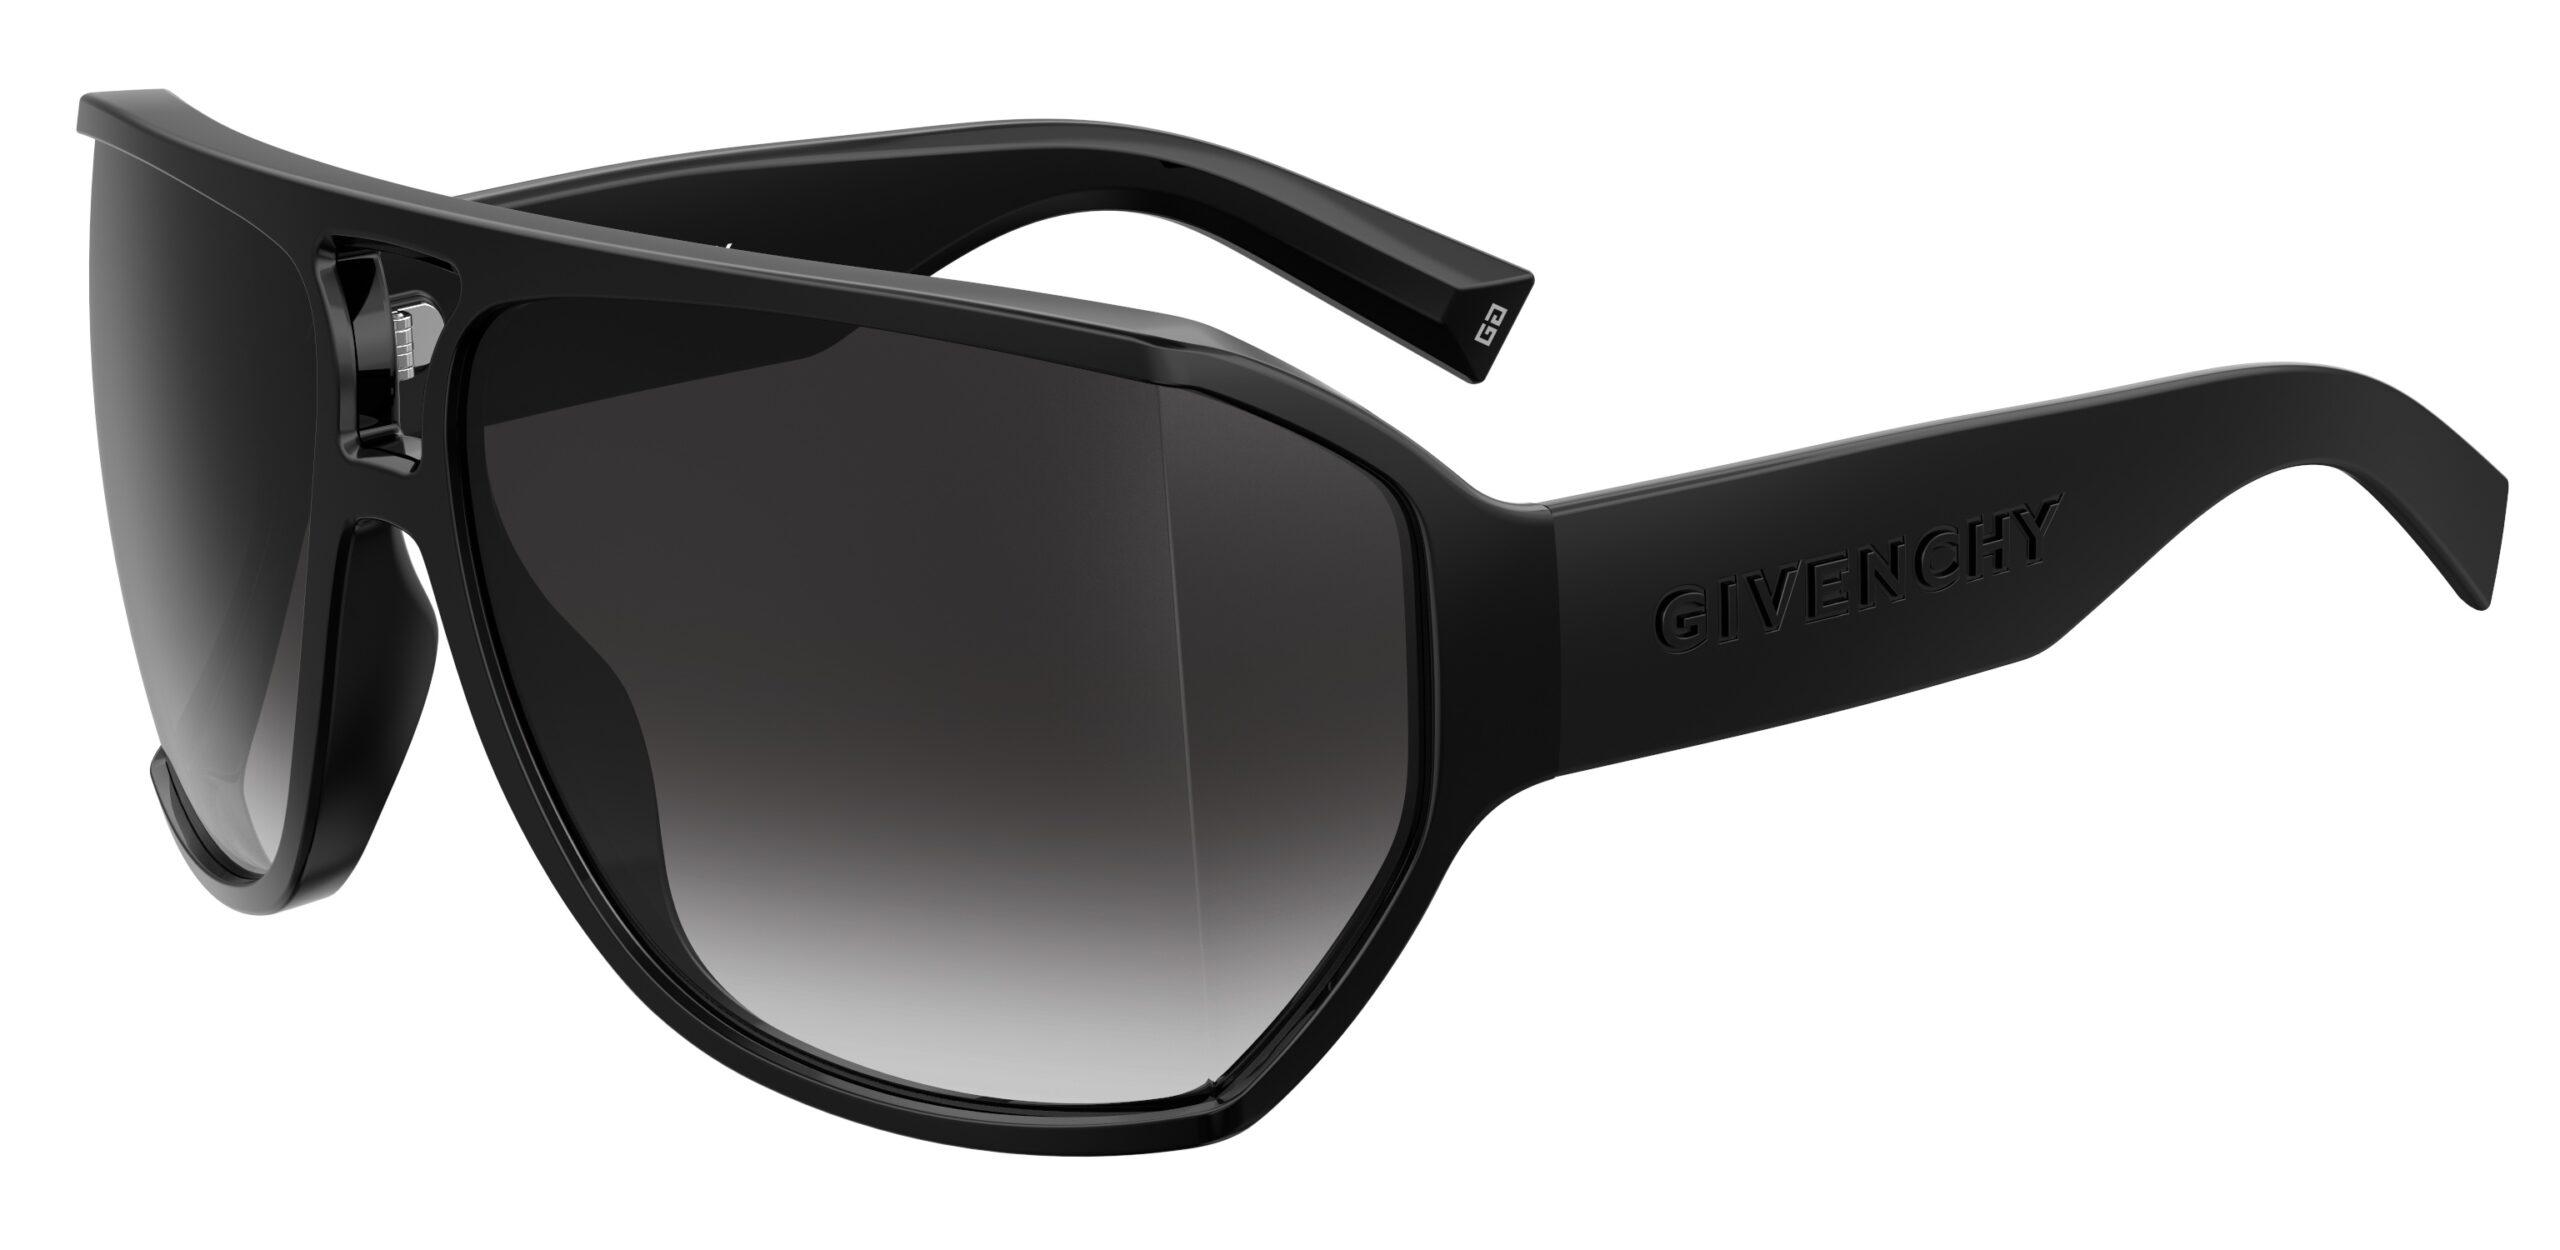 Givenchy GV 7178/S 203540-807/9O-71 | 716736340050